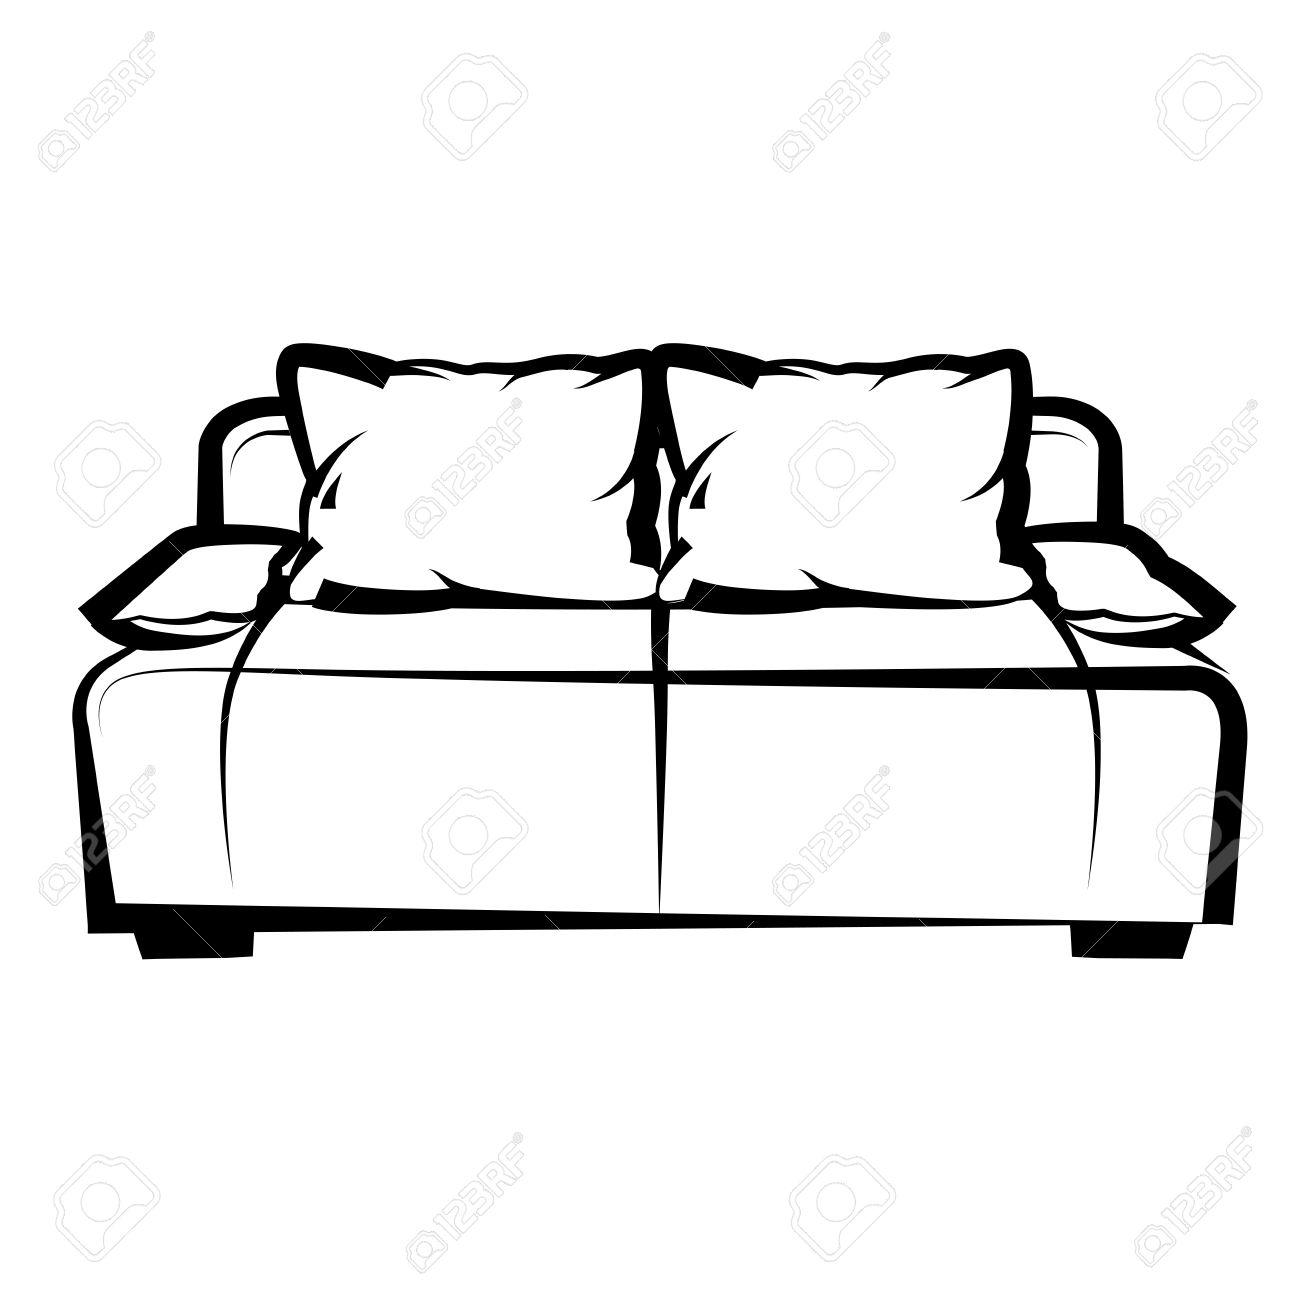 canapé icône de dessin à main levée illustration en noir et blanc